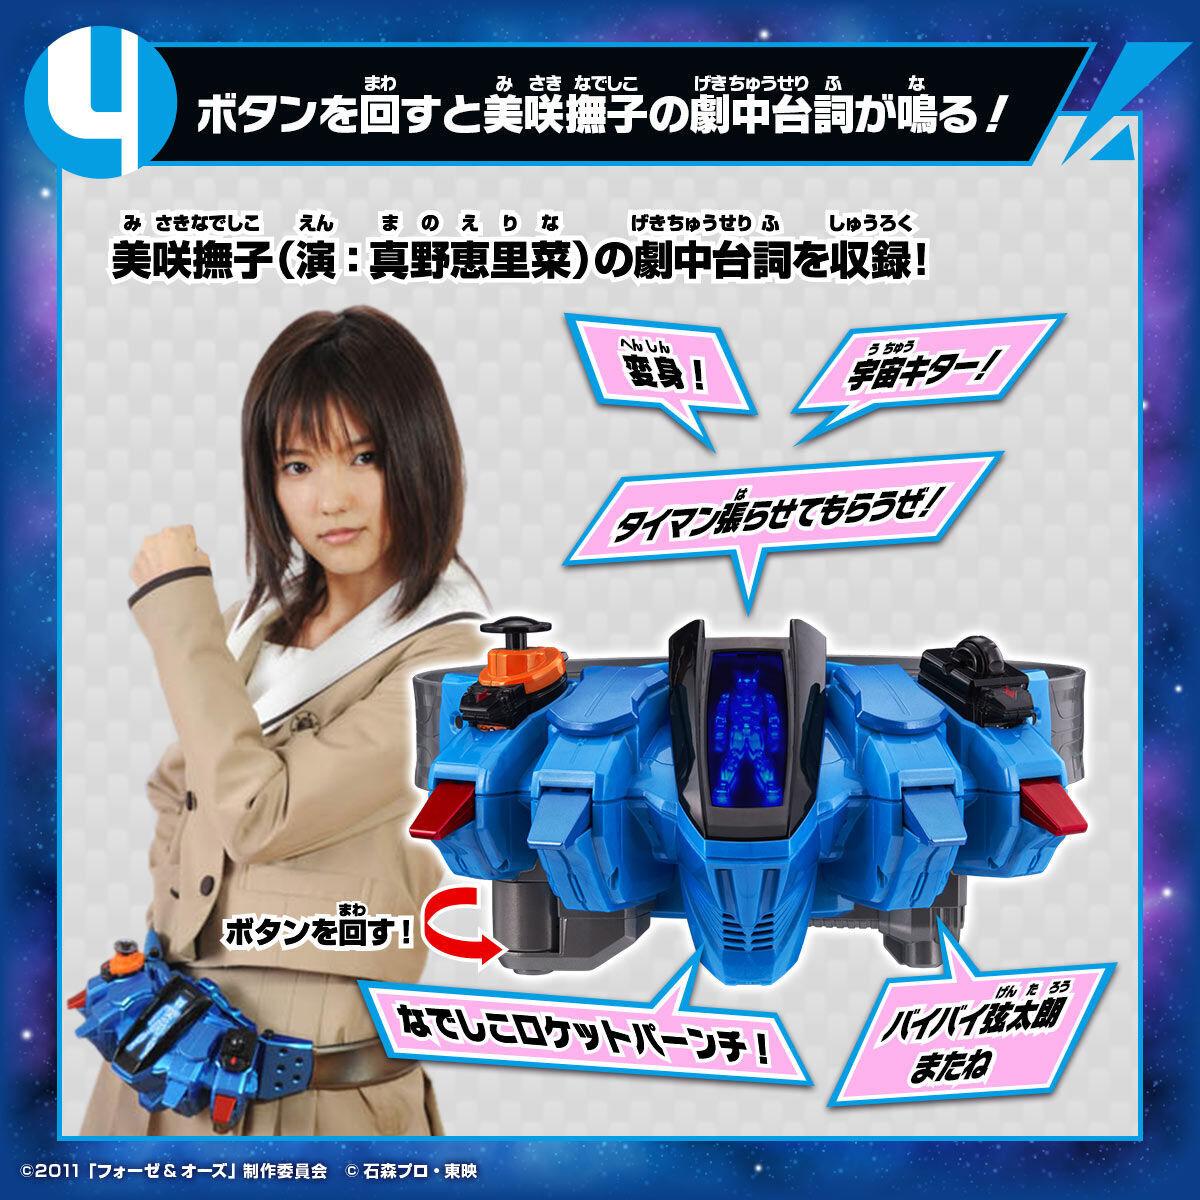 【限定販売】仮面ライダーフォーゼ『変身ベルト DXなでしこドライバー』仮面ライダーなでしこ 変身なりきり-005